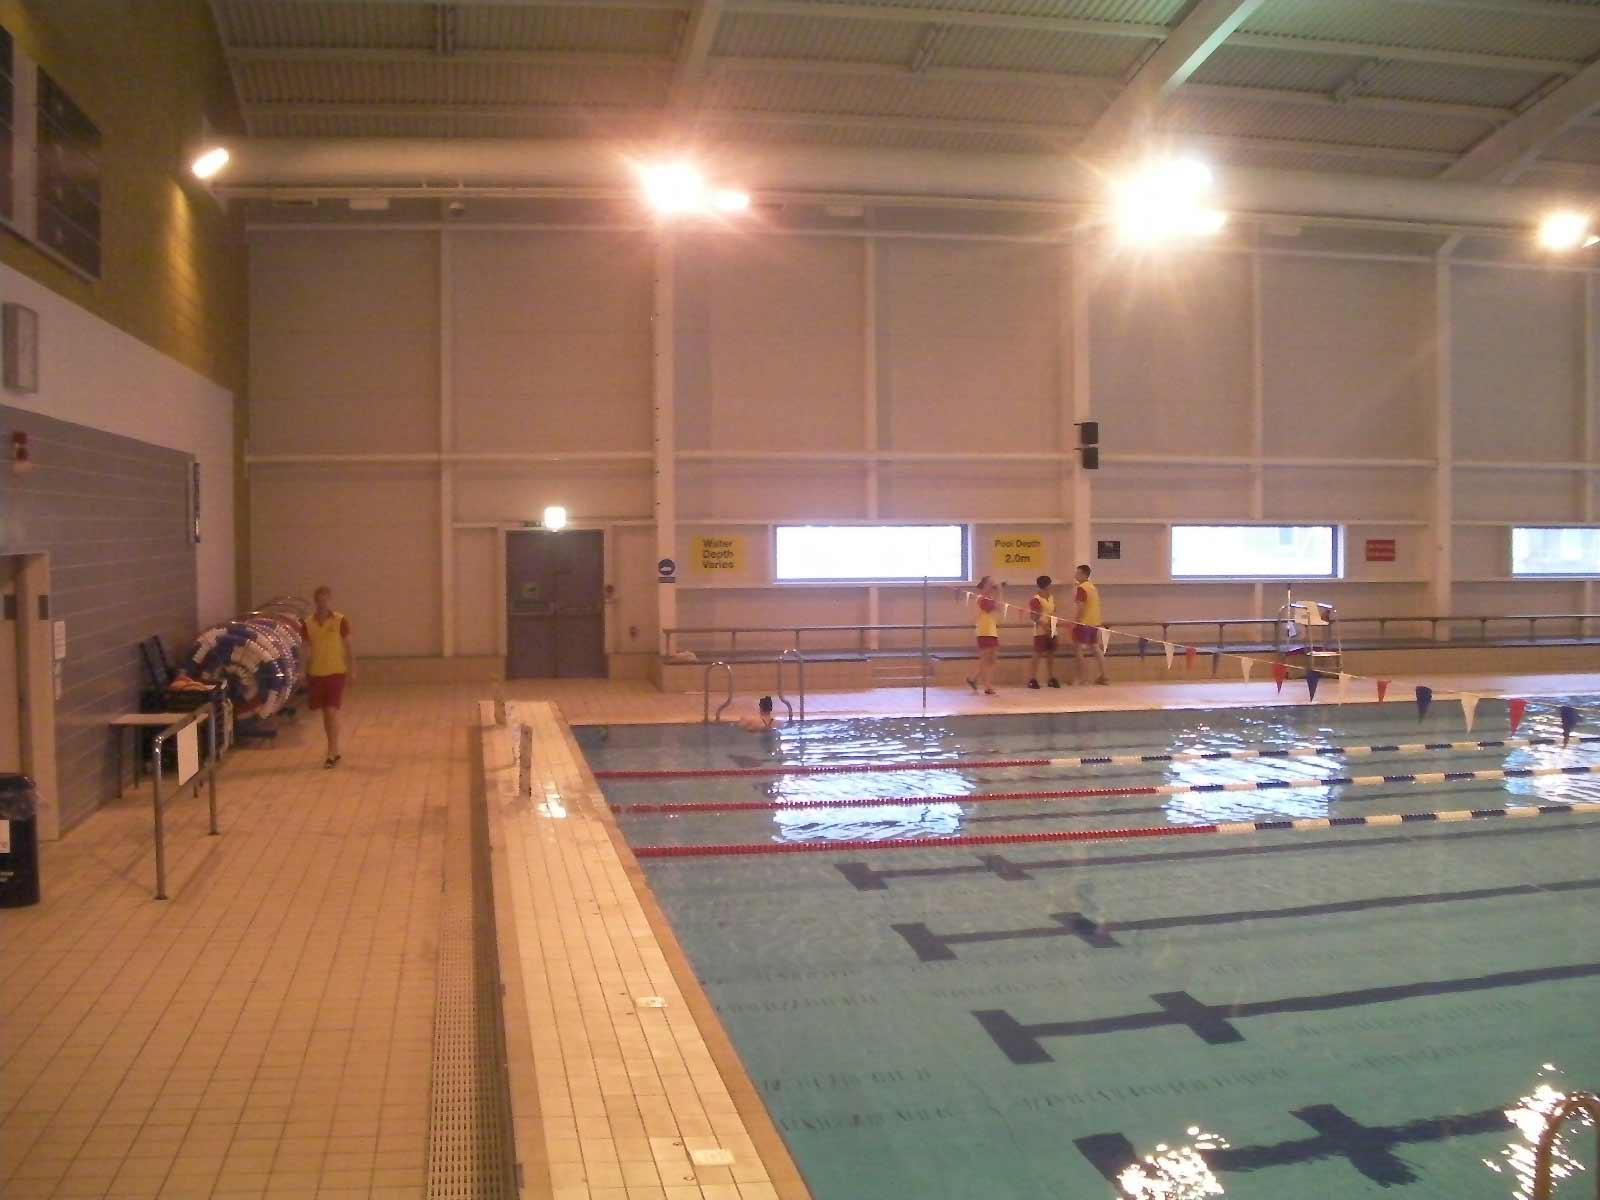 Aldershot Olympic Pool